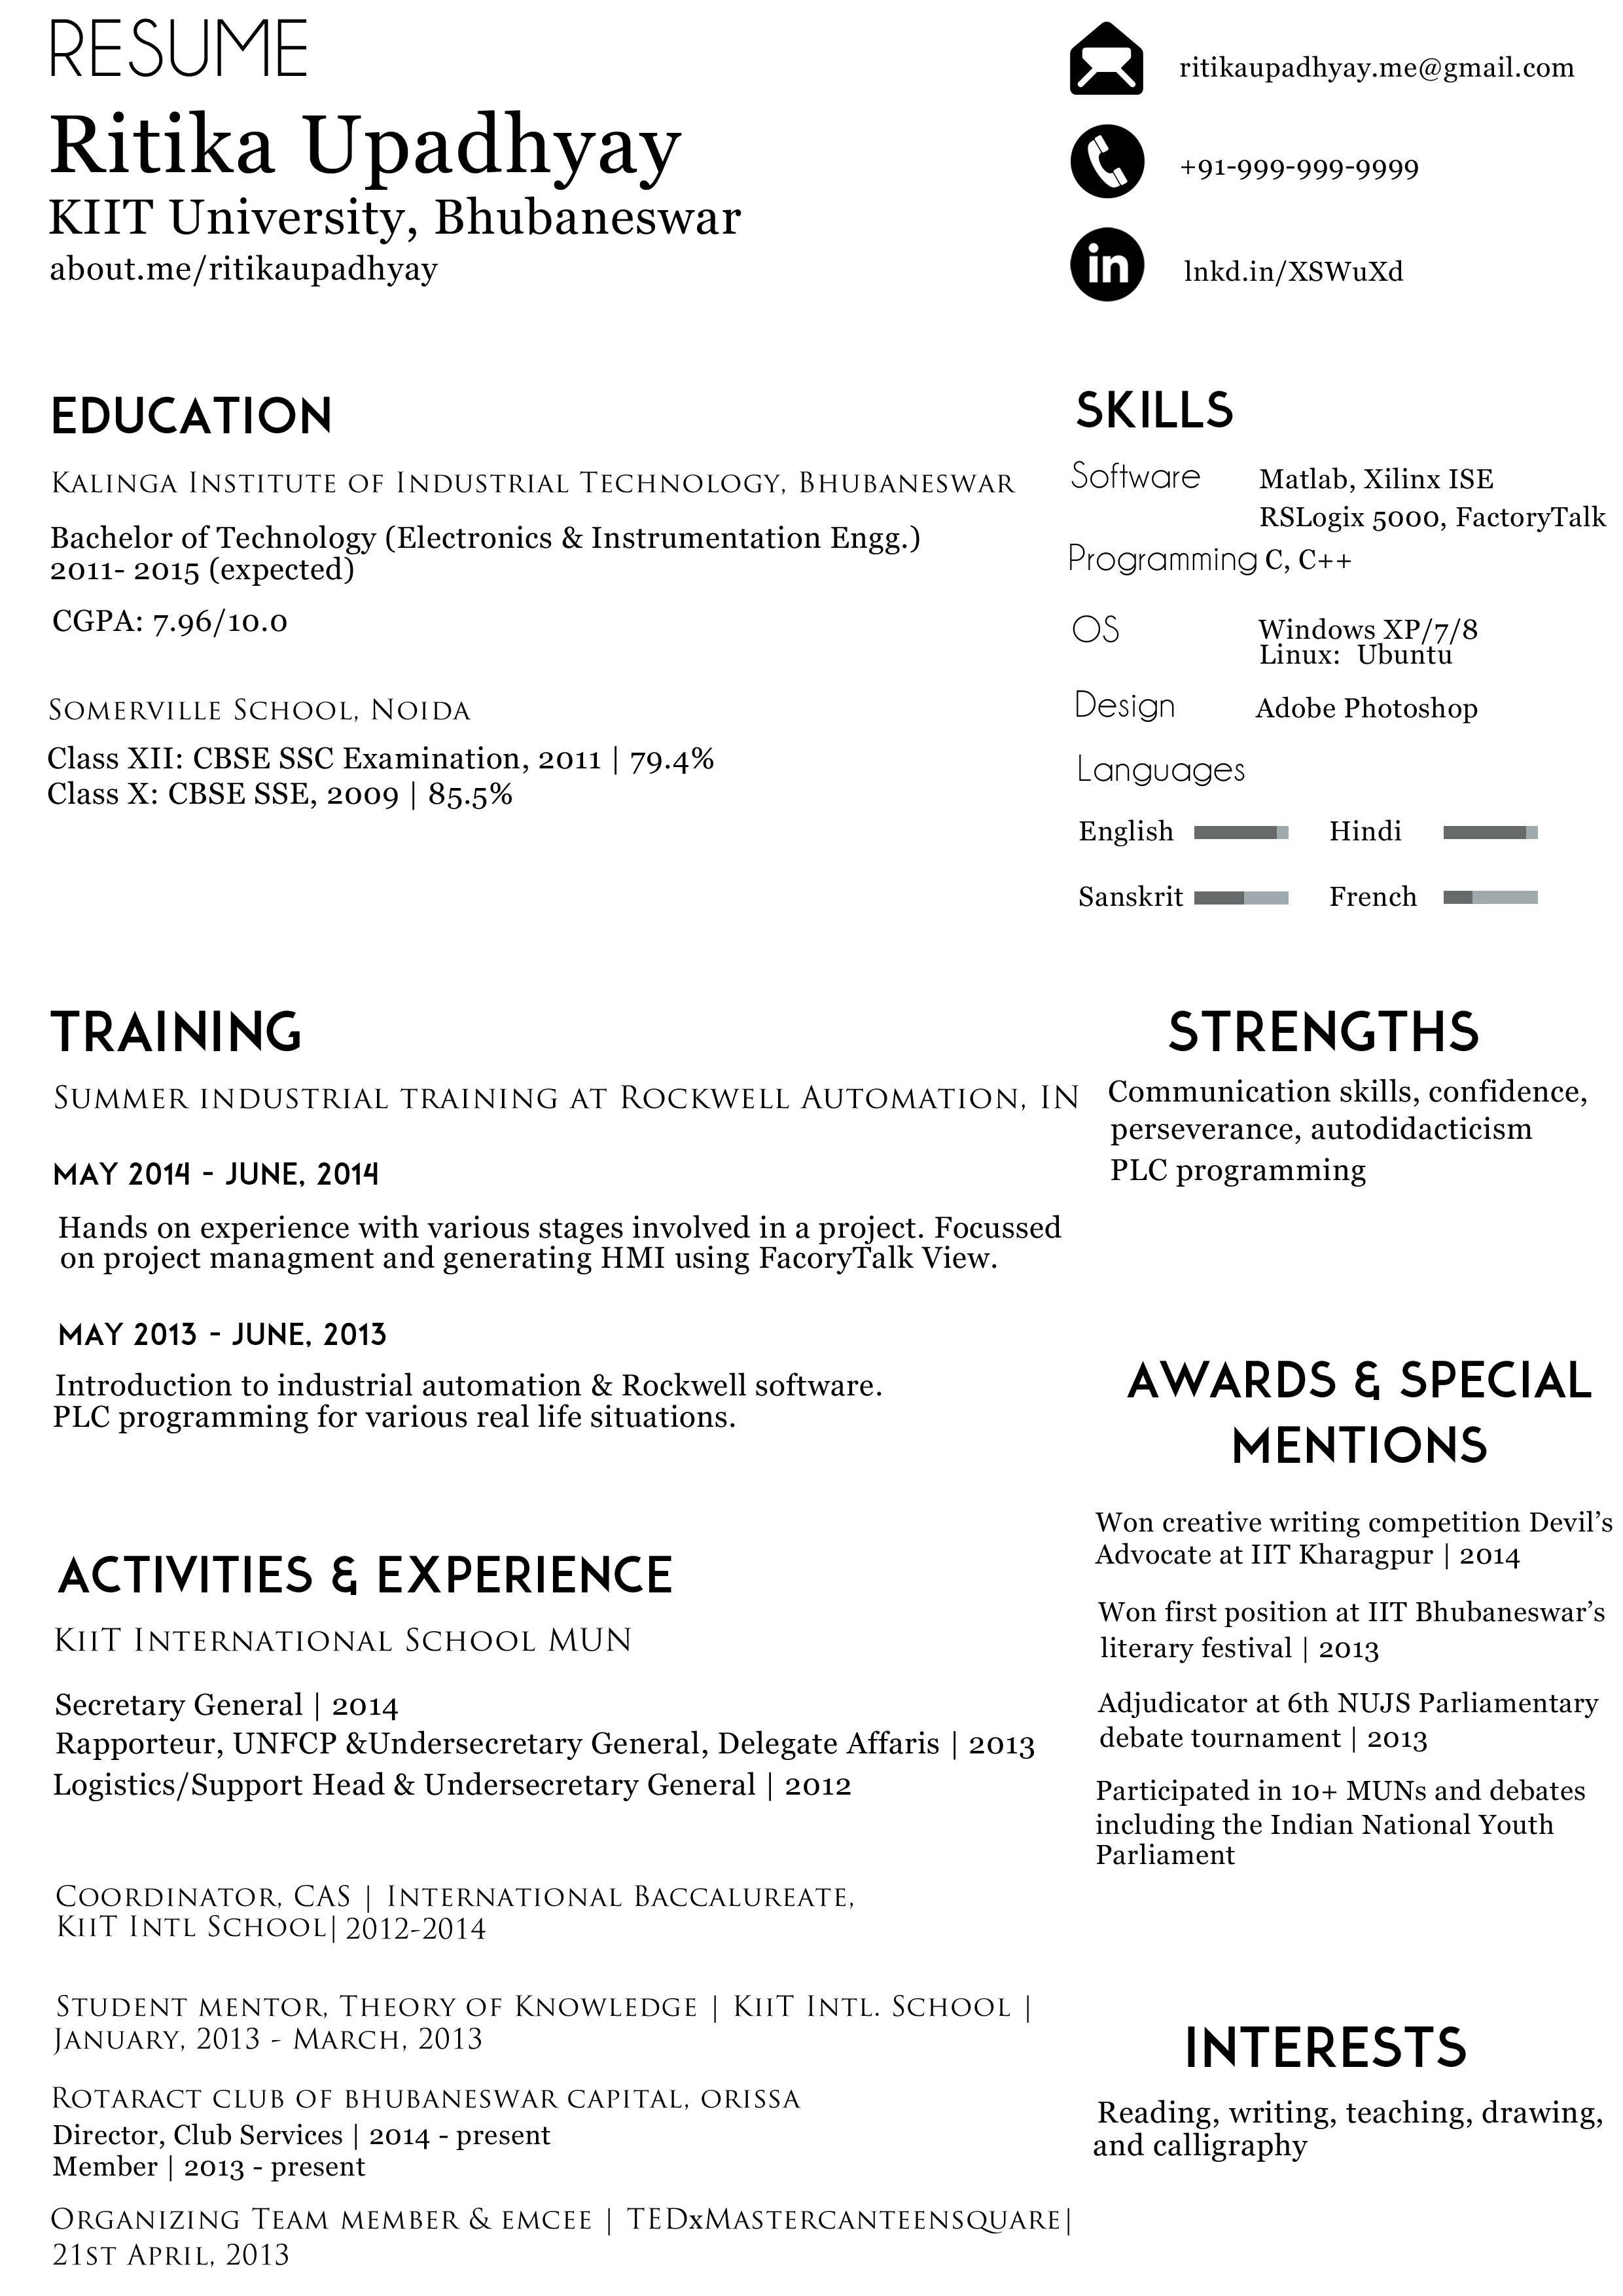 How do I write my resume?